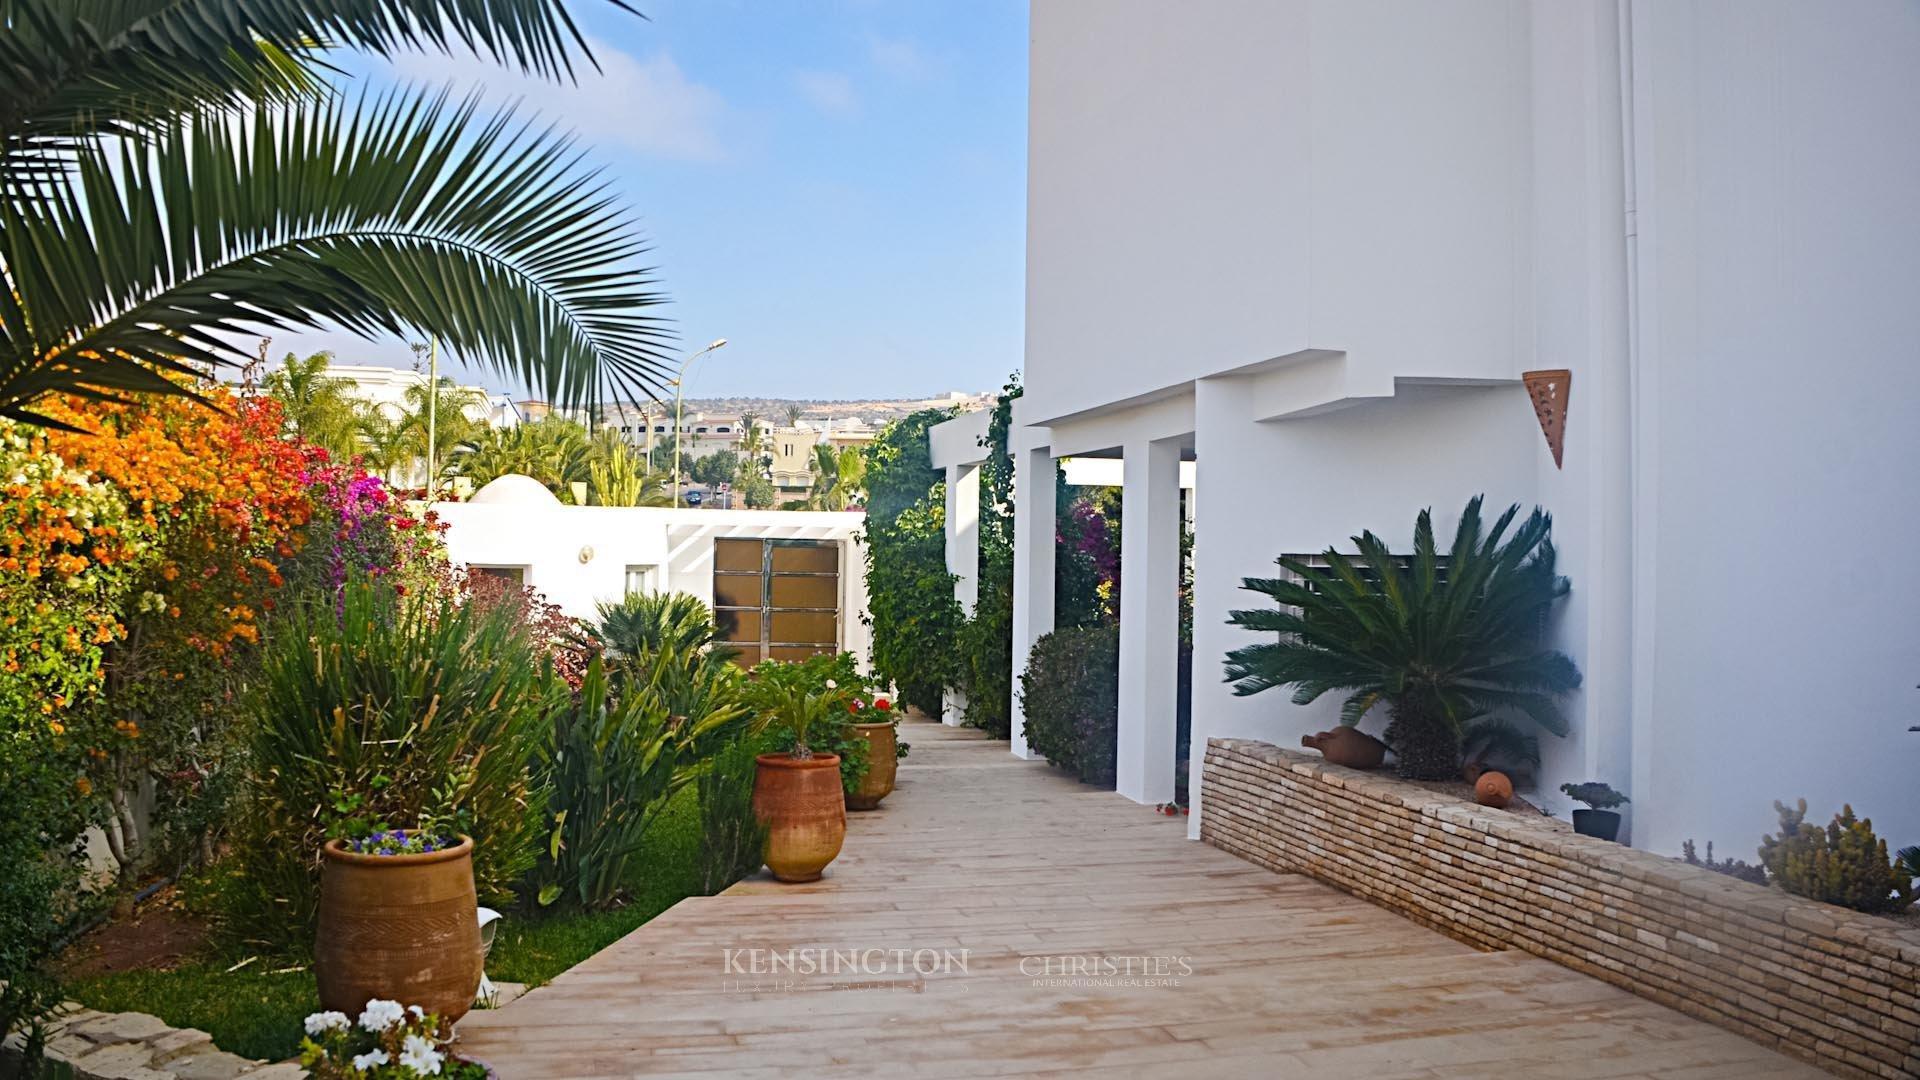 KPPM01180: Villa Rawan Luxury Villa Agadir Morocco